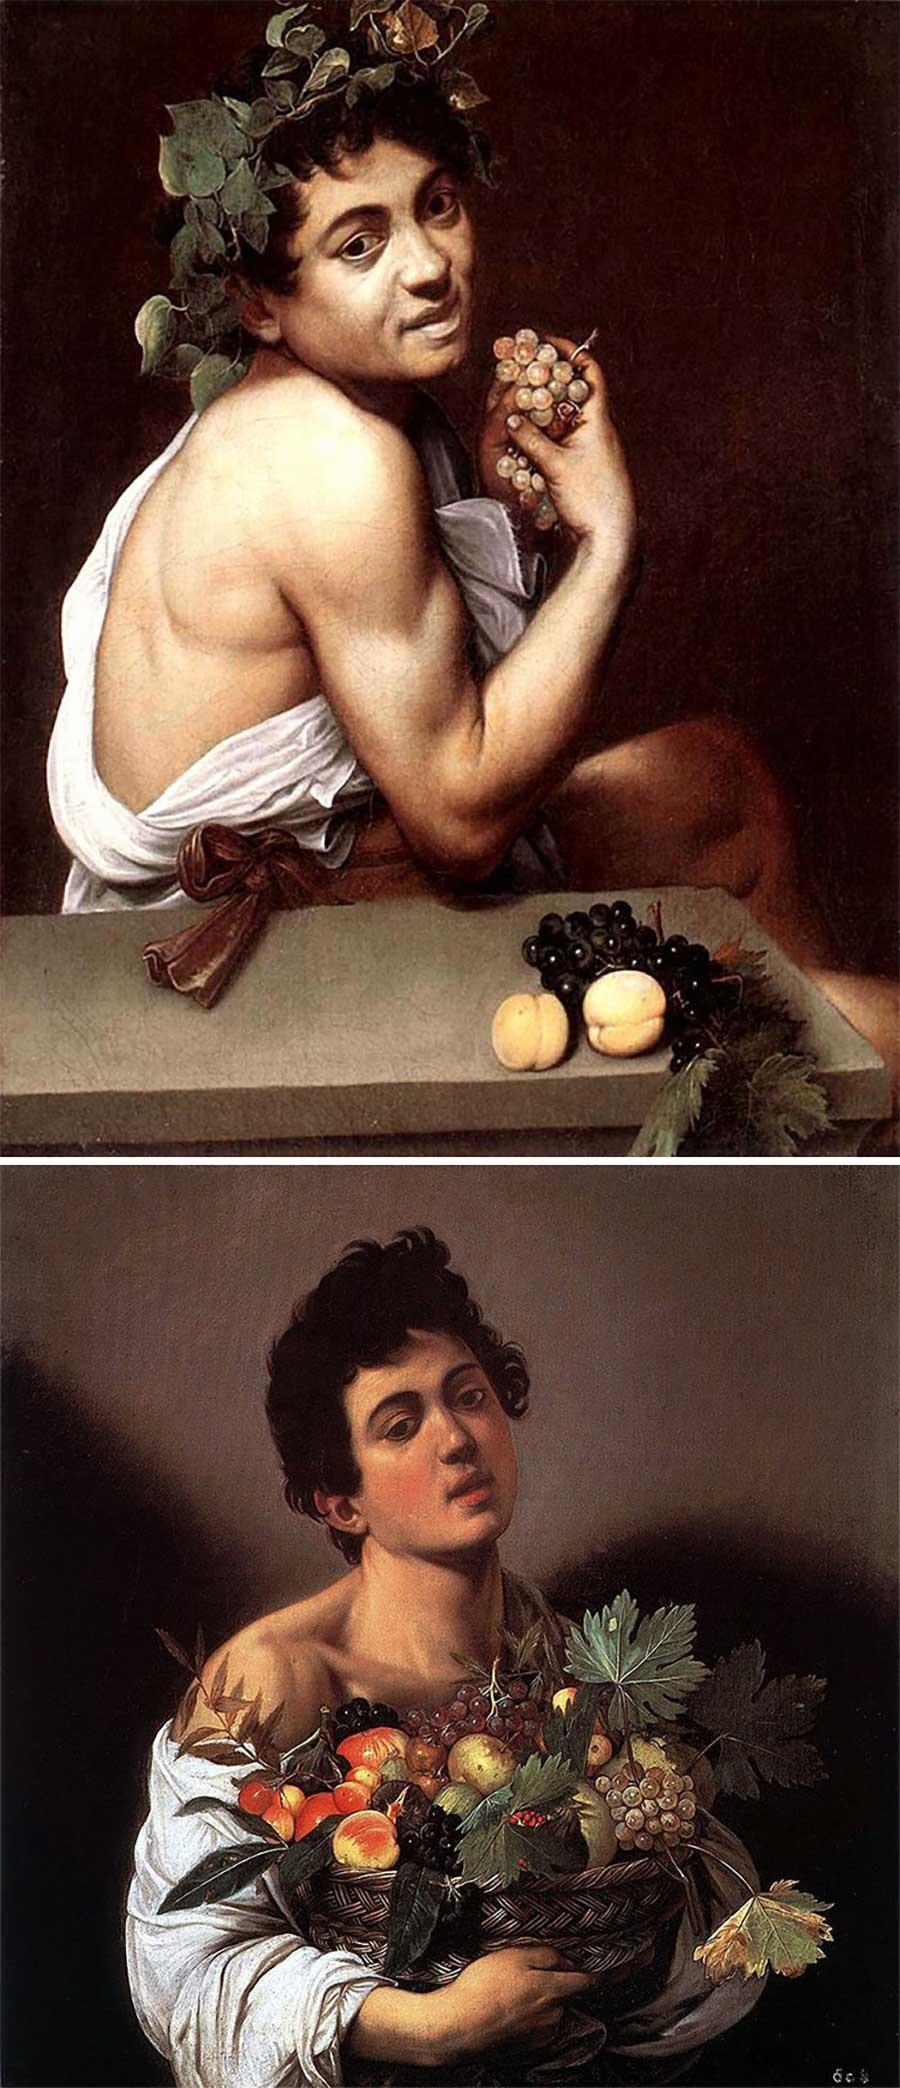 Ulkige Merkmale, woran man erkennen kann, welcher Künstler ein Gemälde gemalt hat gemaelde-malern-zuordnen-fun_14